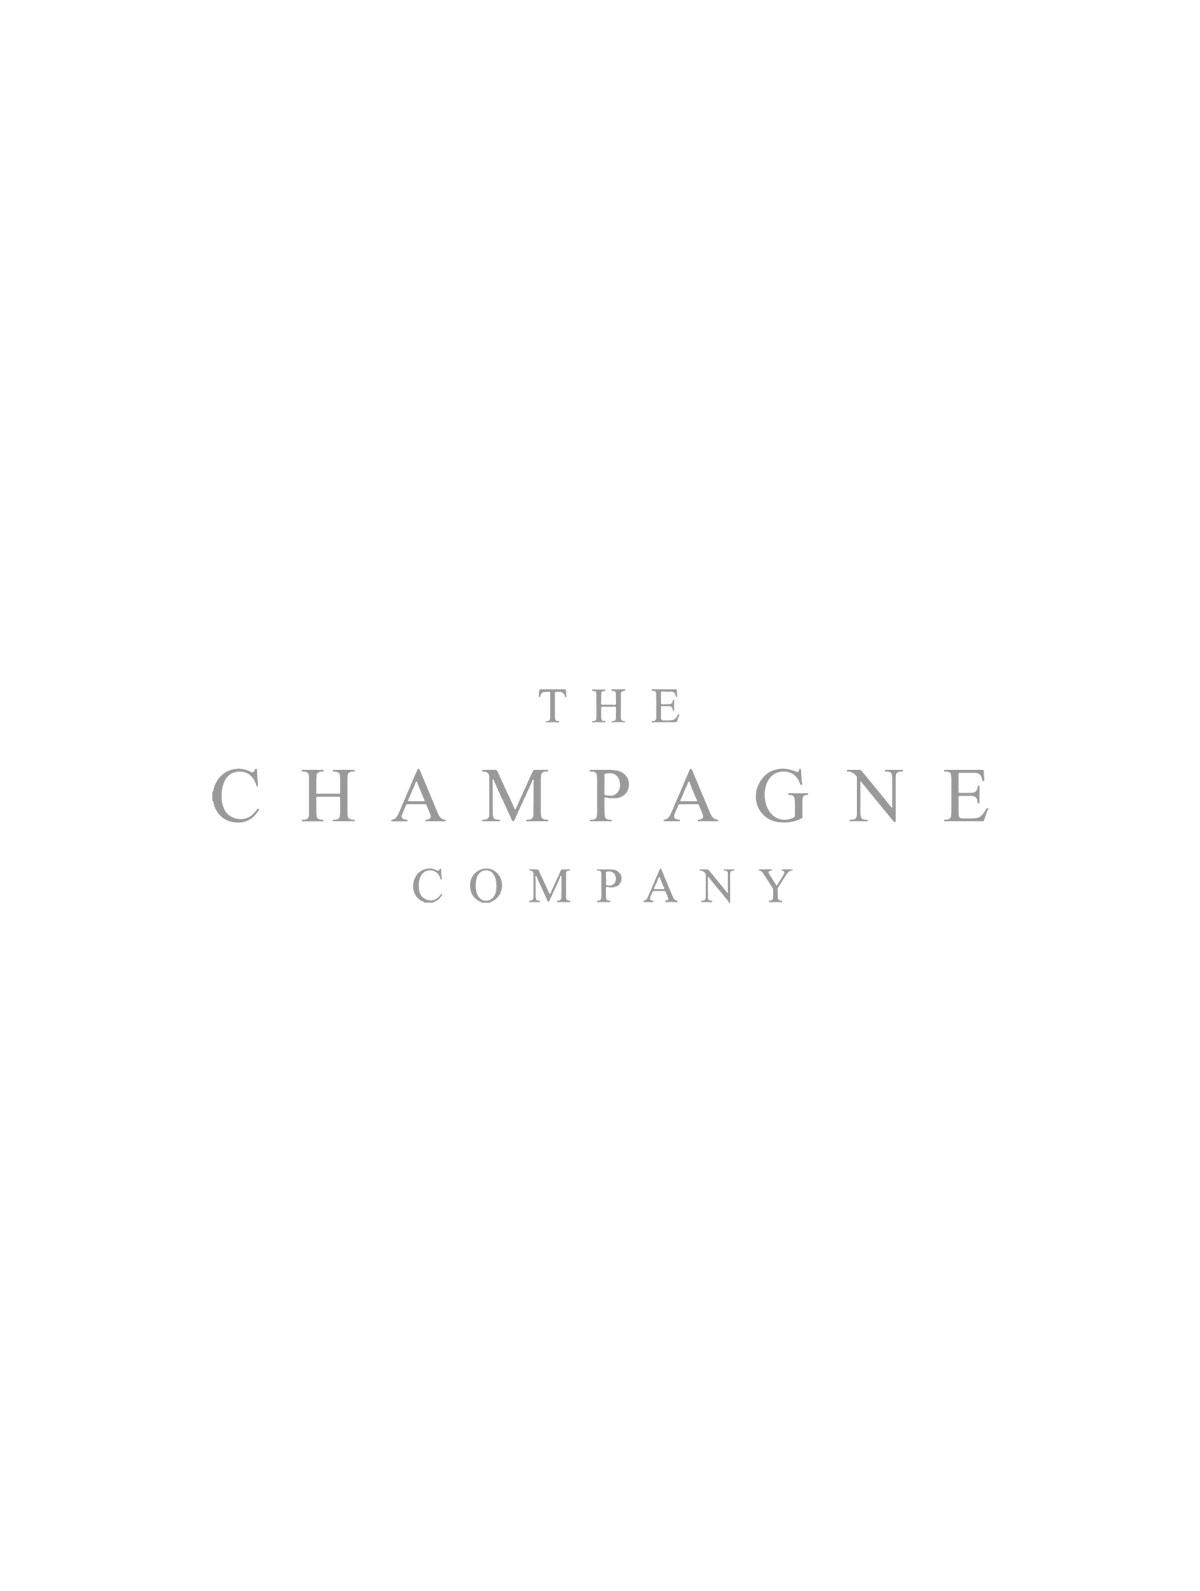 Scavi & Ray Ice Prestige Prosecco Spumante 75cl